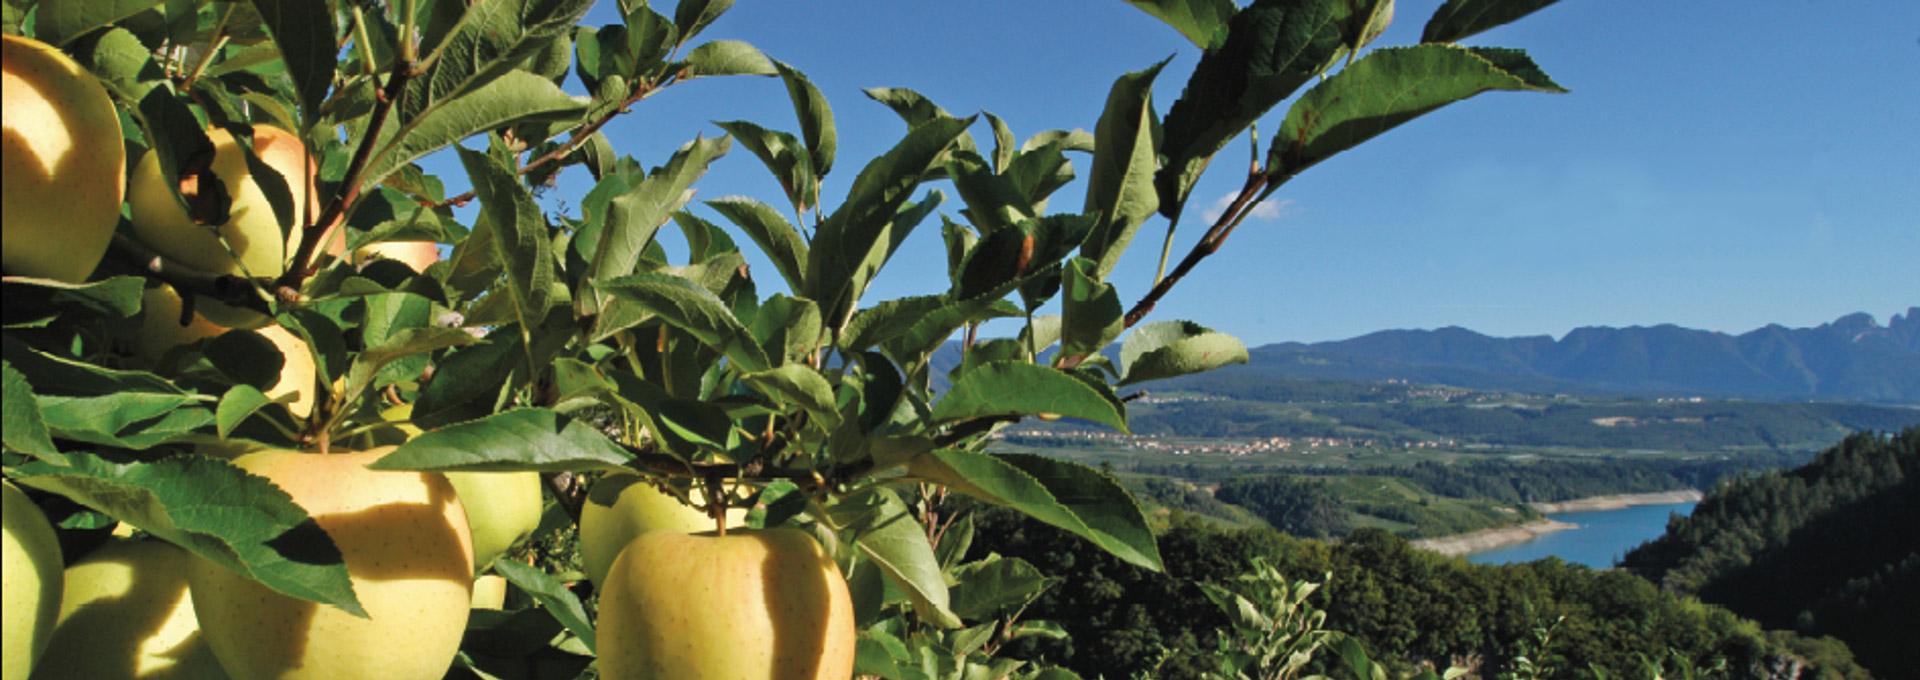 paesaggio mela